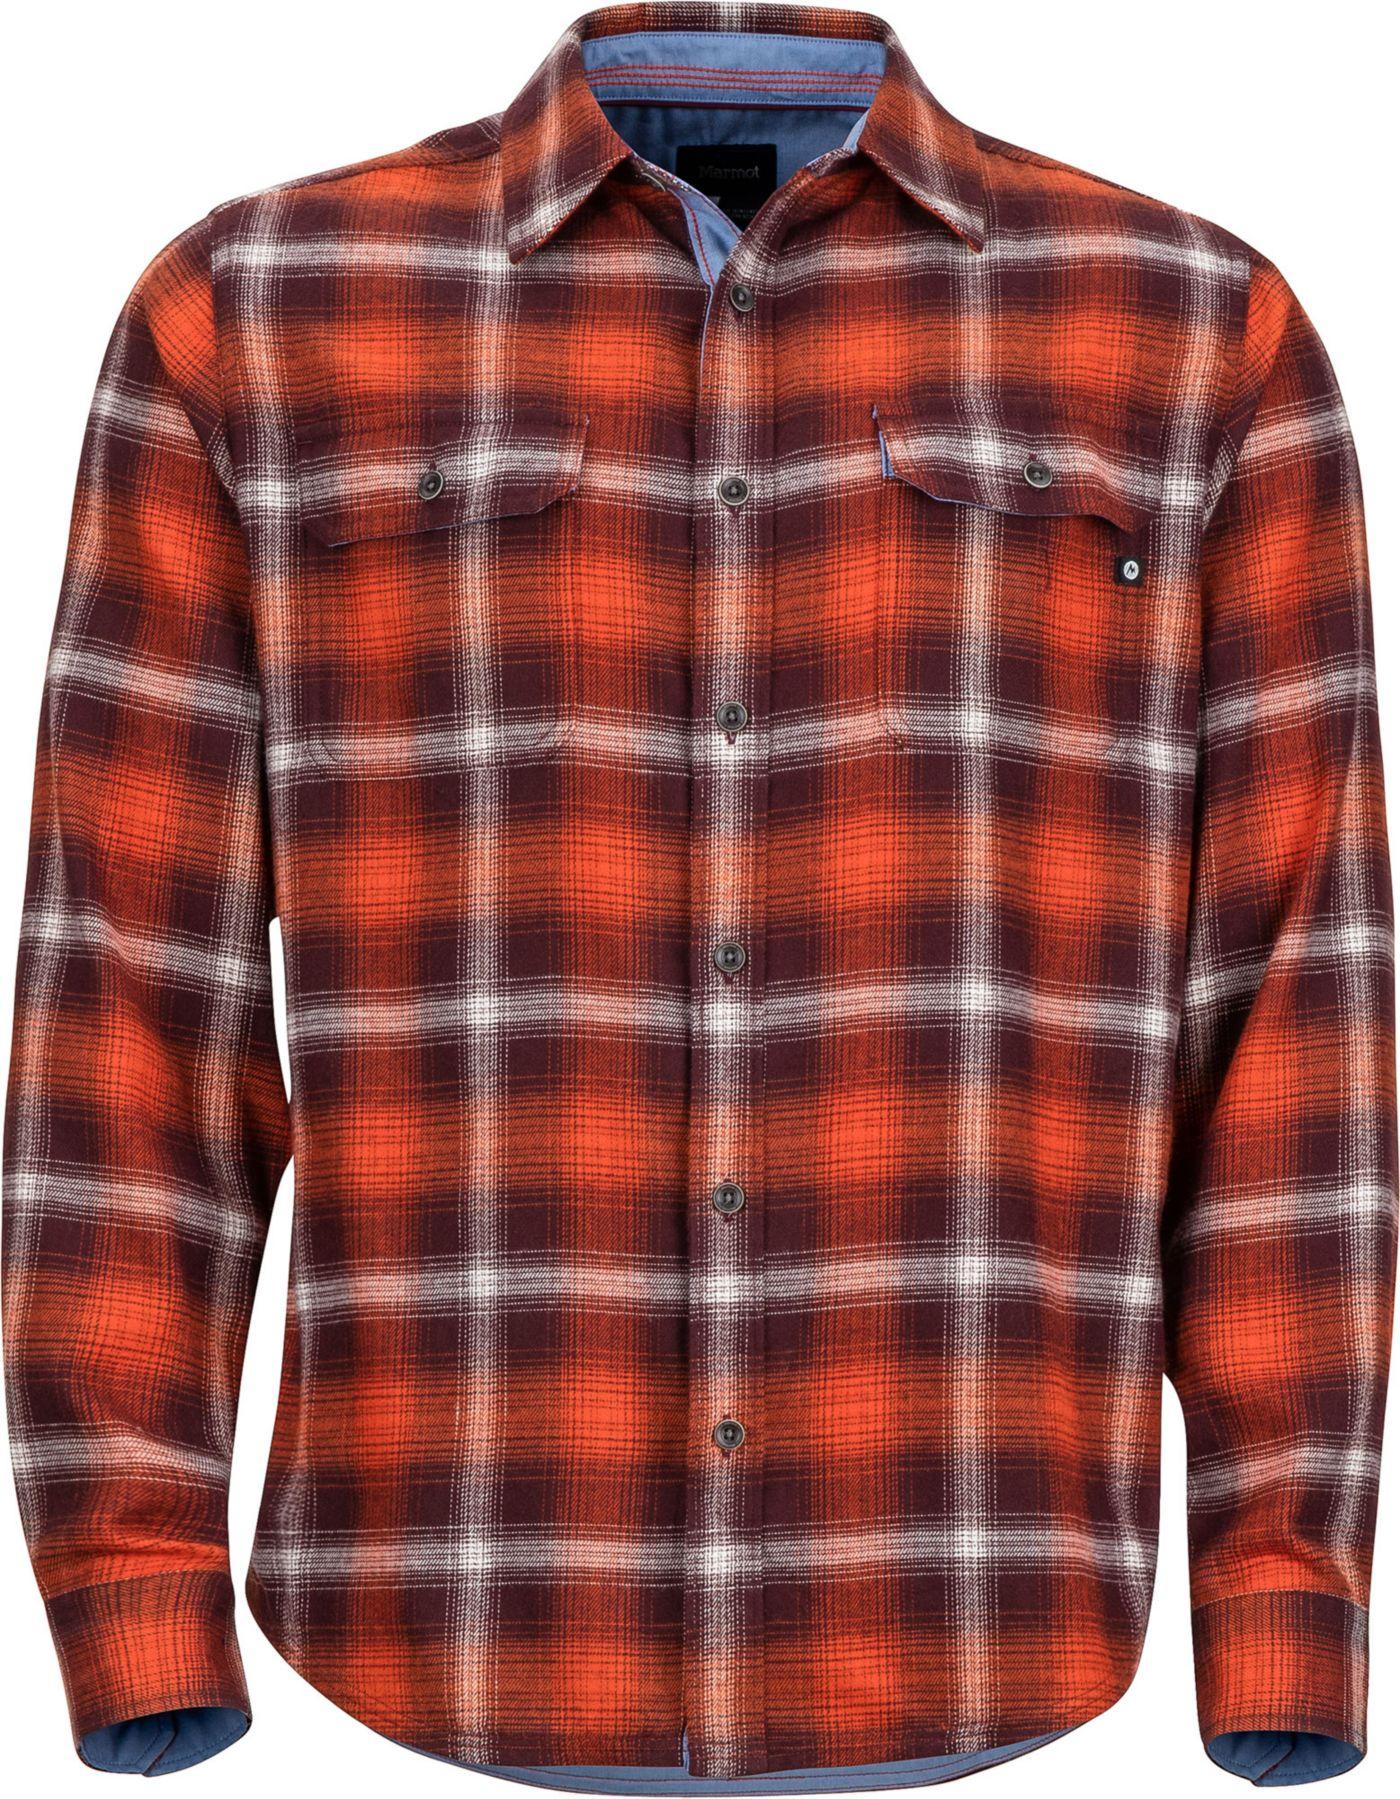 Marmot Men's Jasper Midweight Flannel Long Sleeve Shirt